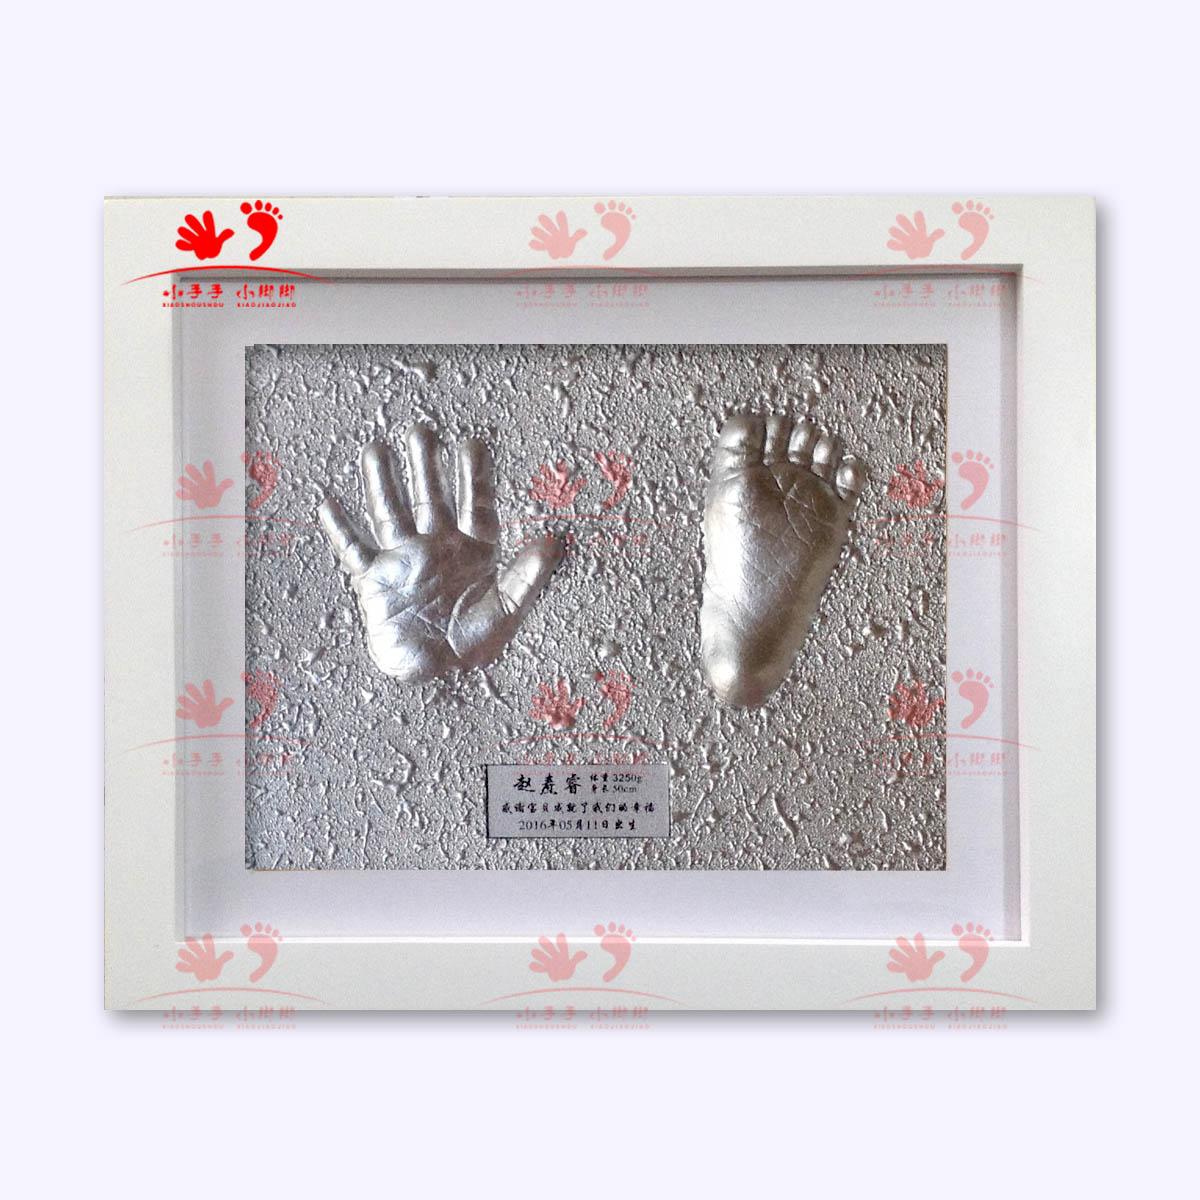 白色框宝宝手脚印*宝宝印*手足印*手脚印*婴儿礼物